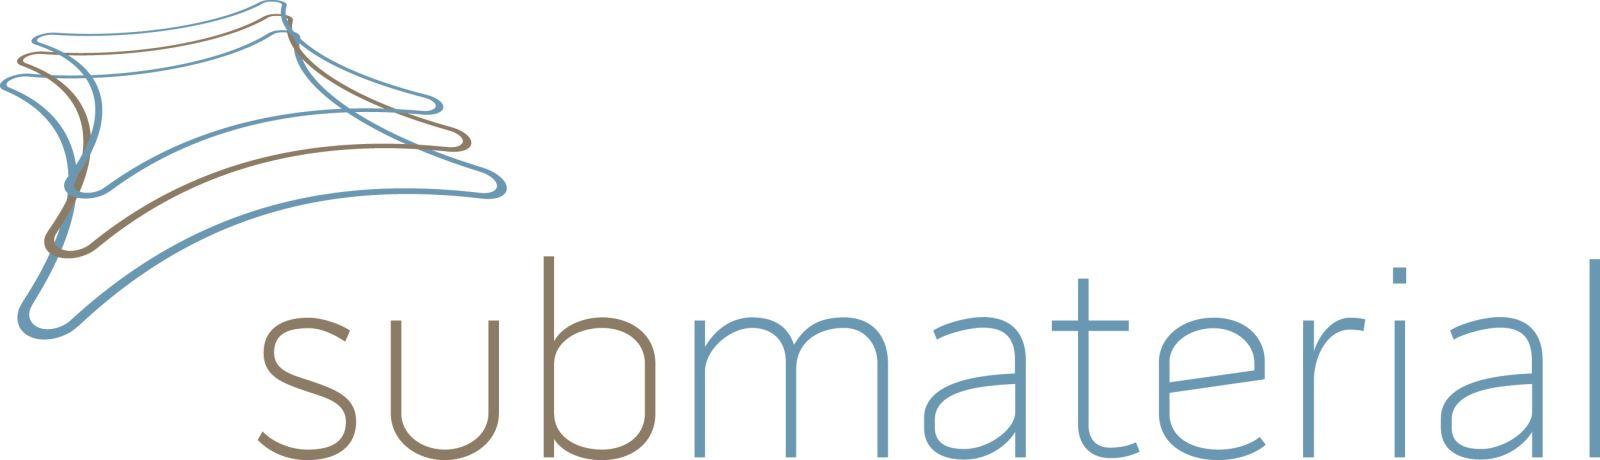 submaterial logo